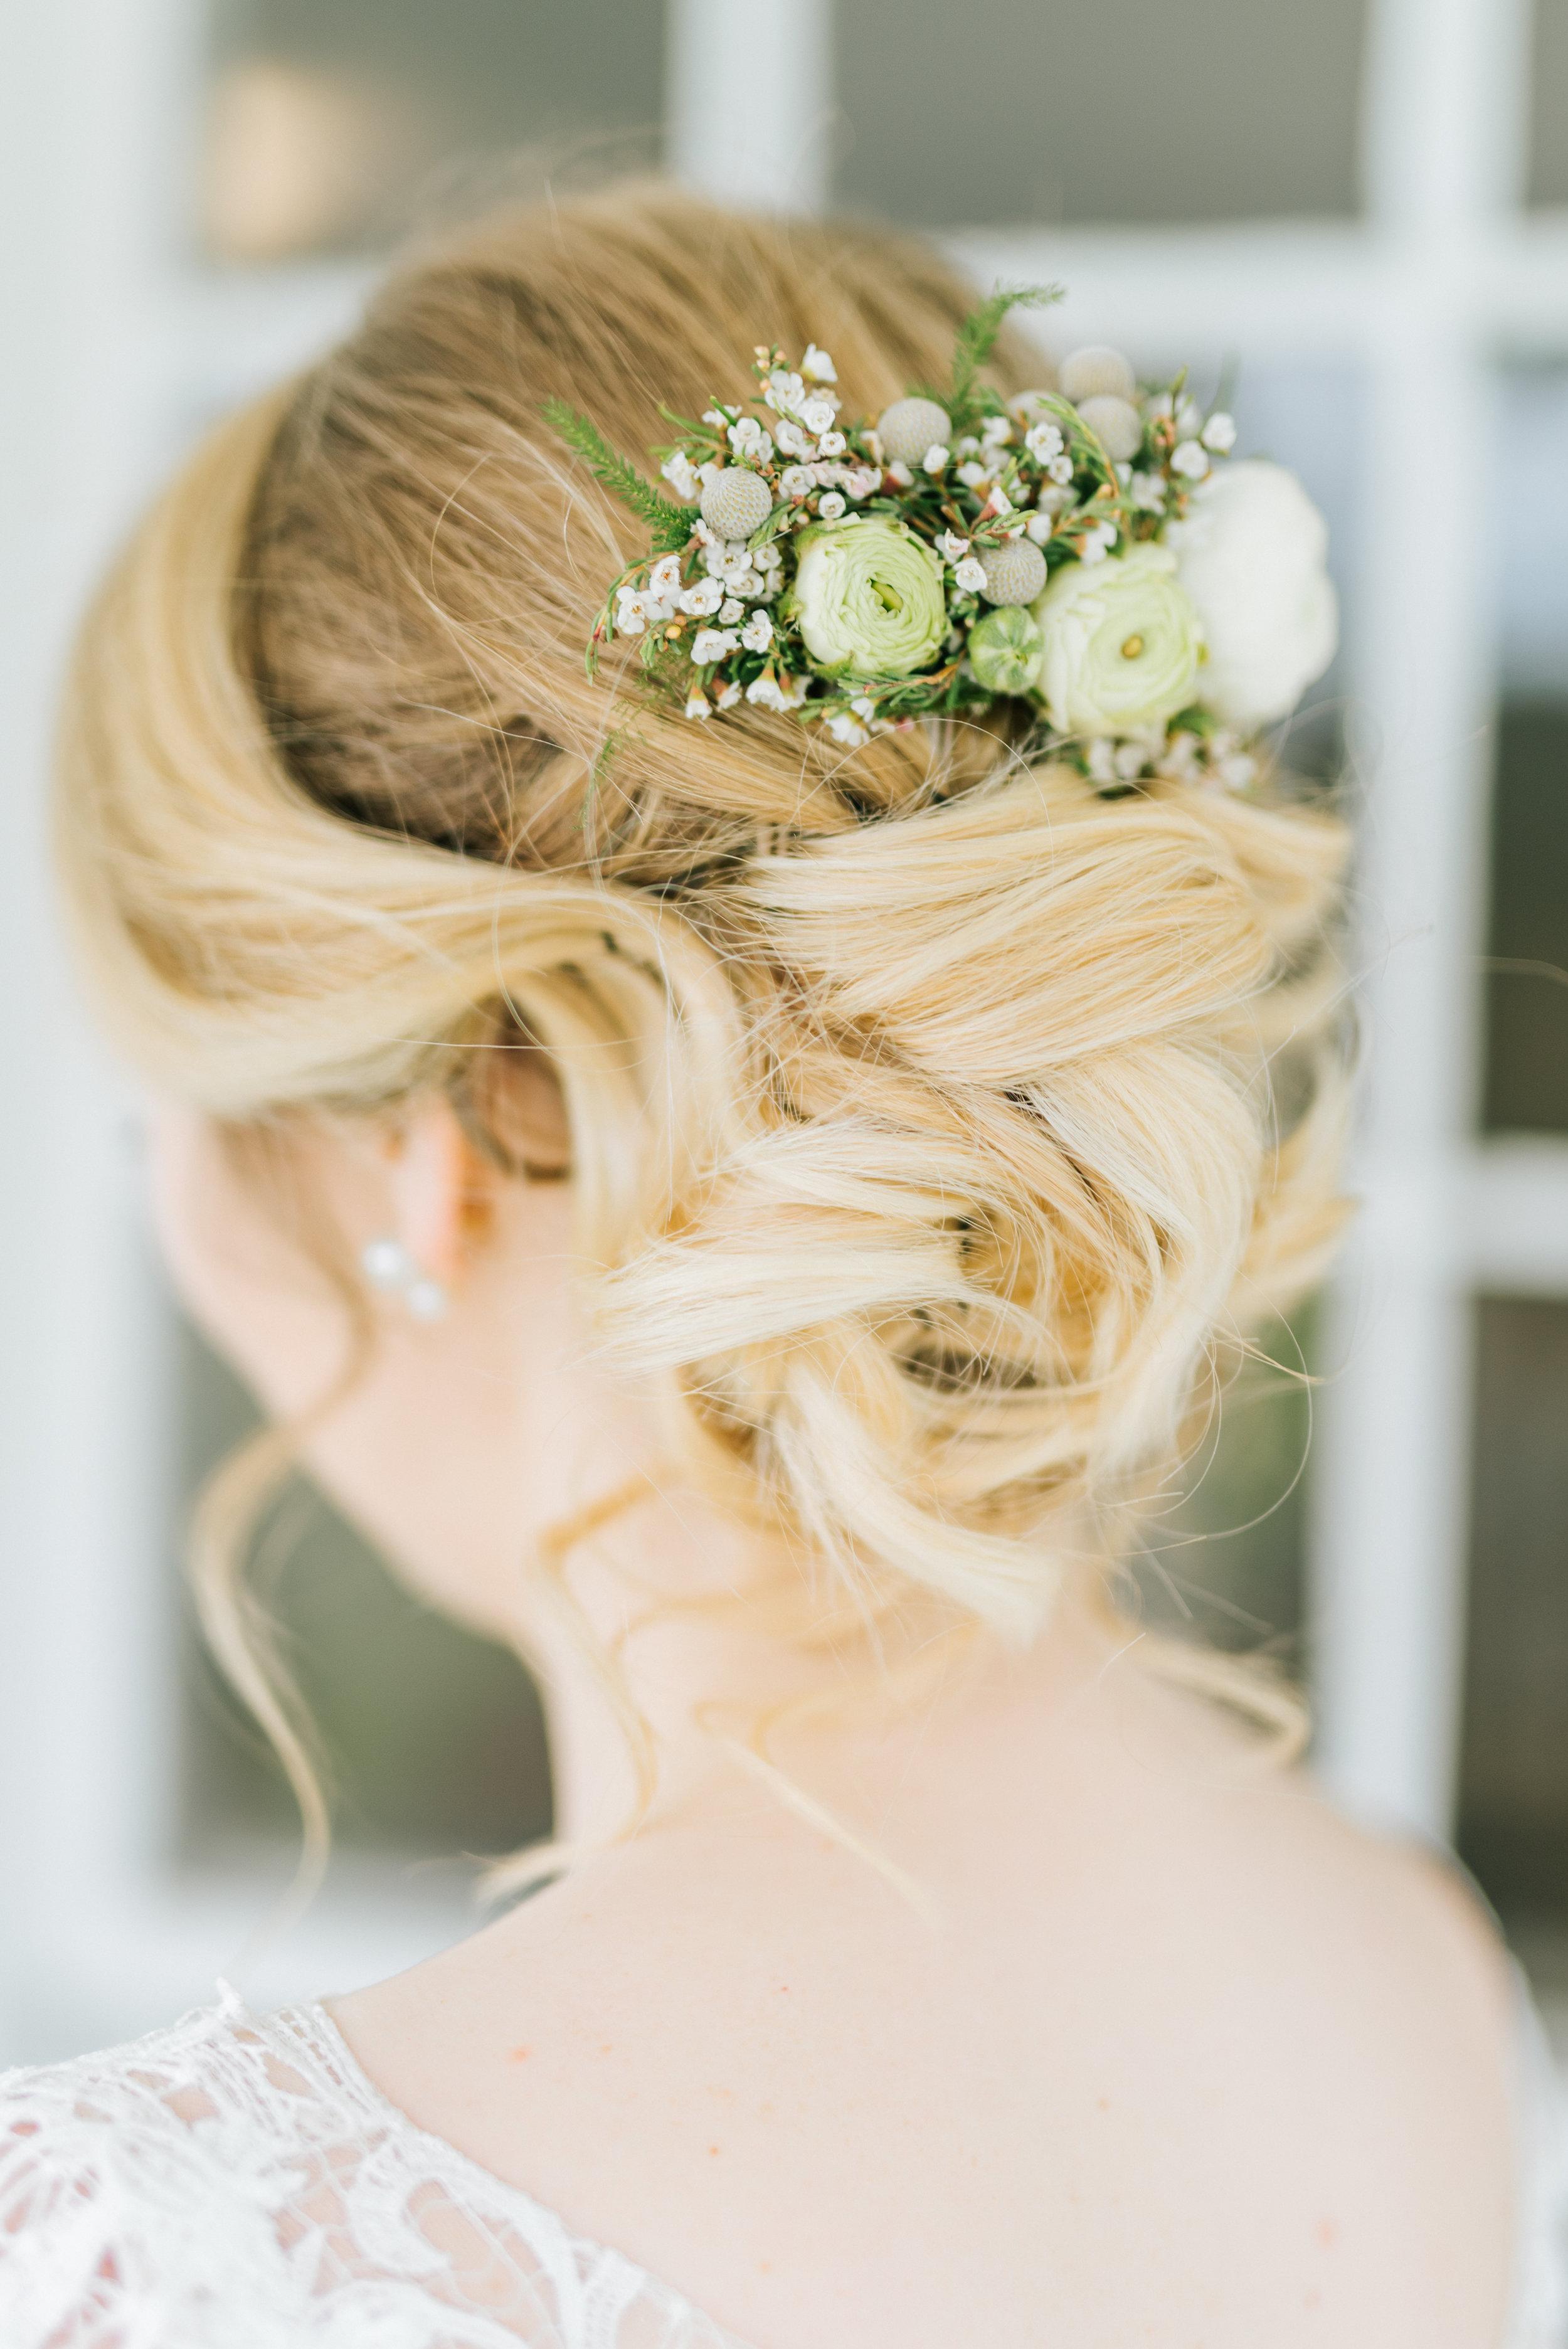 Pretty Floral Hairpiece - Zingerman Cornman Farm